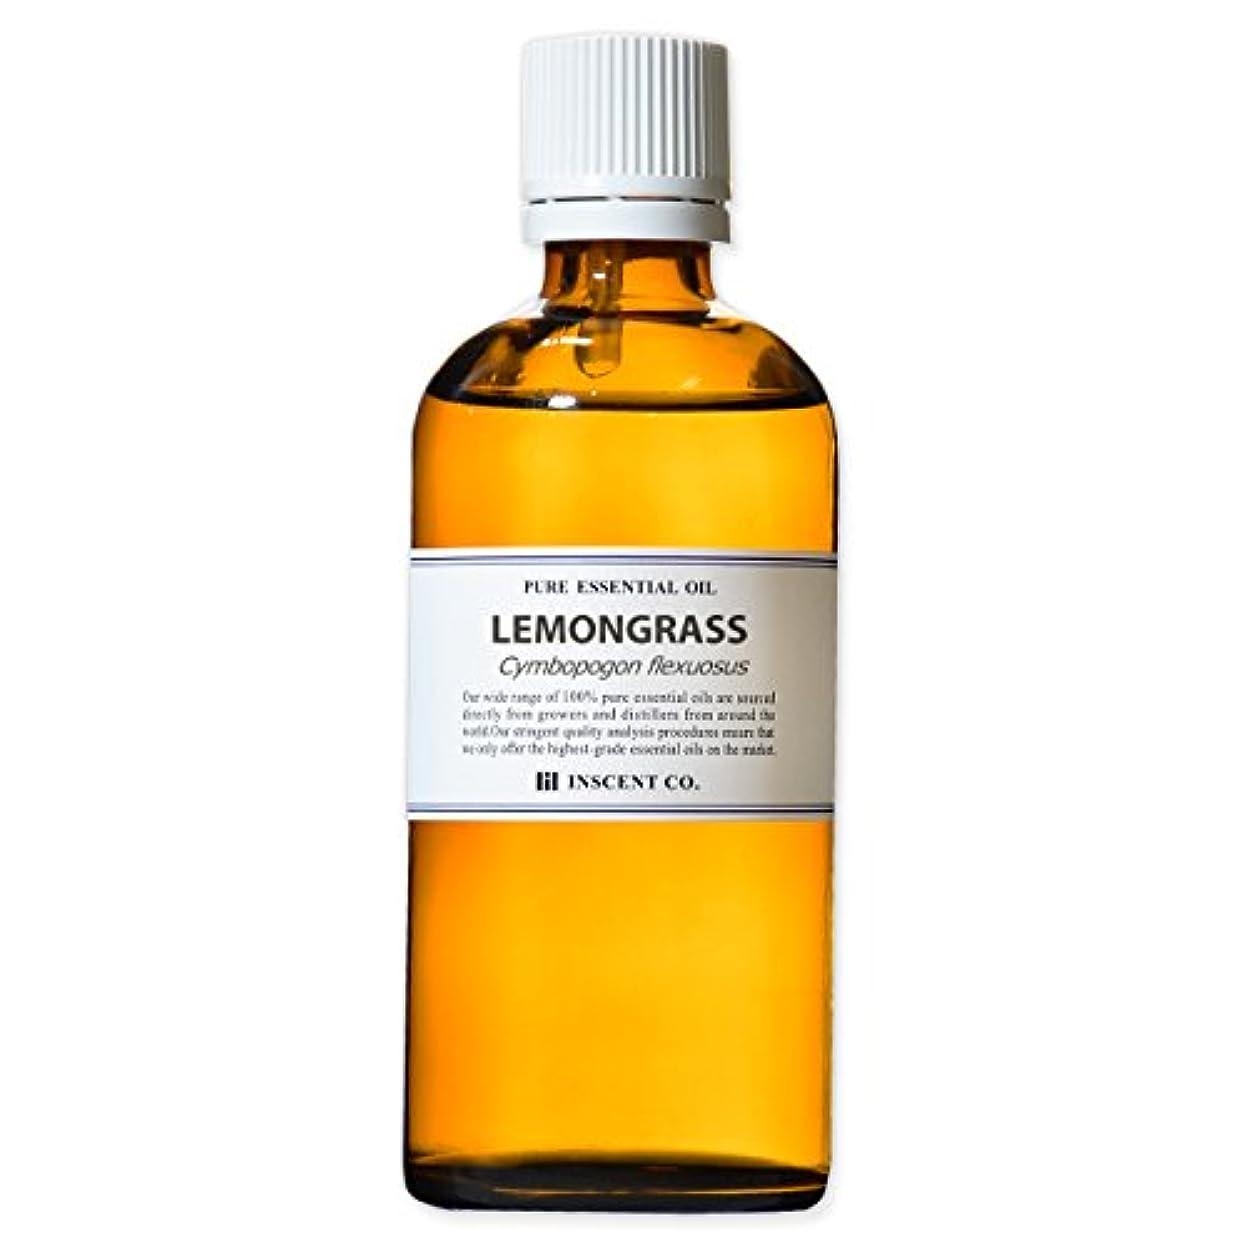 しょっぱいつなぐ底レモングラス 100ml インセント エッセンシャルオイル 精油 アロマオイル